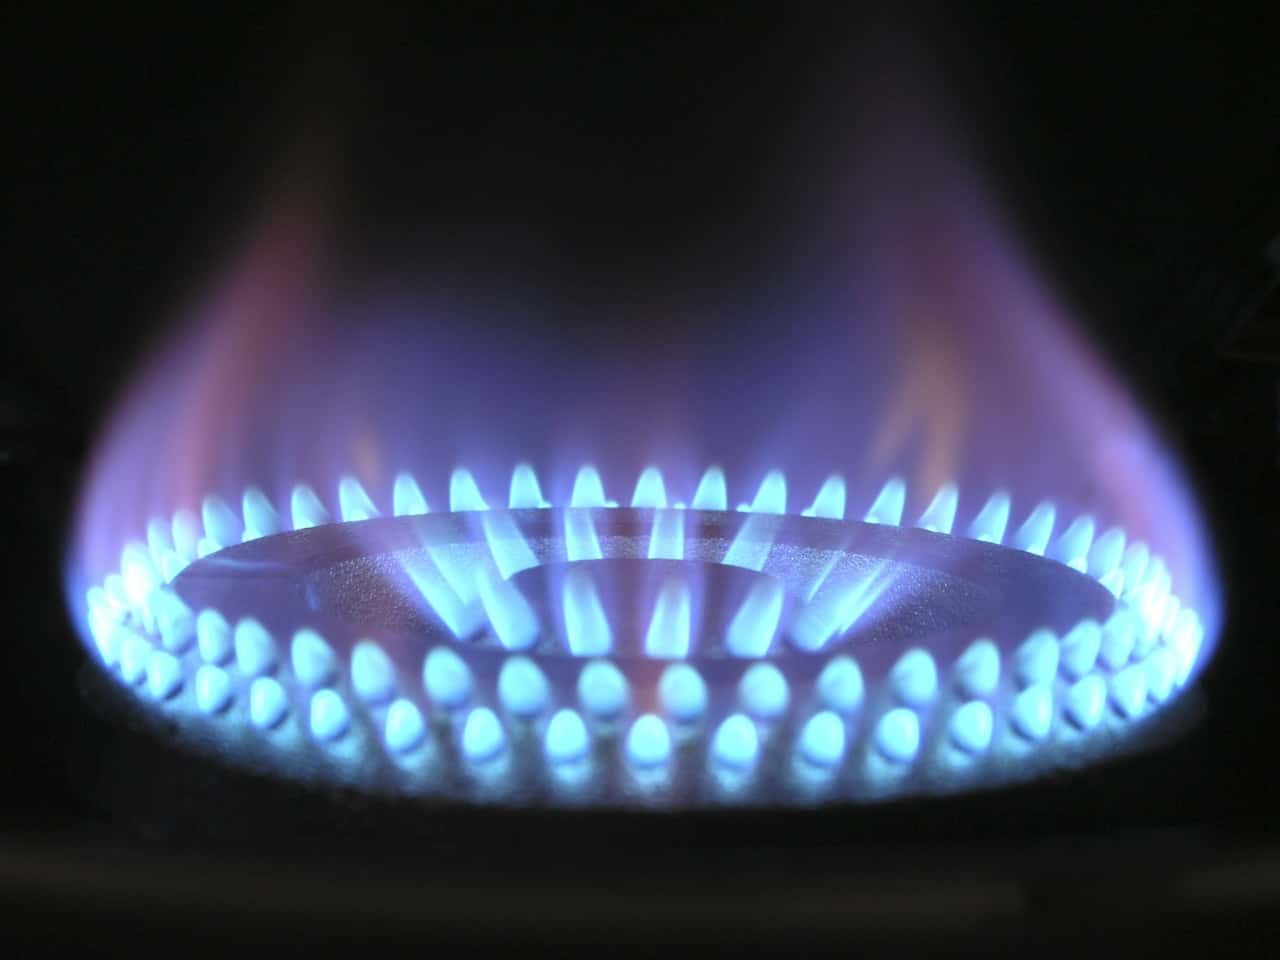 wat kost een warmtepomp kosten anders verwarmen duurzaam